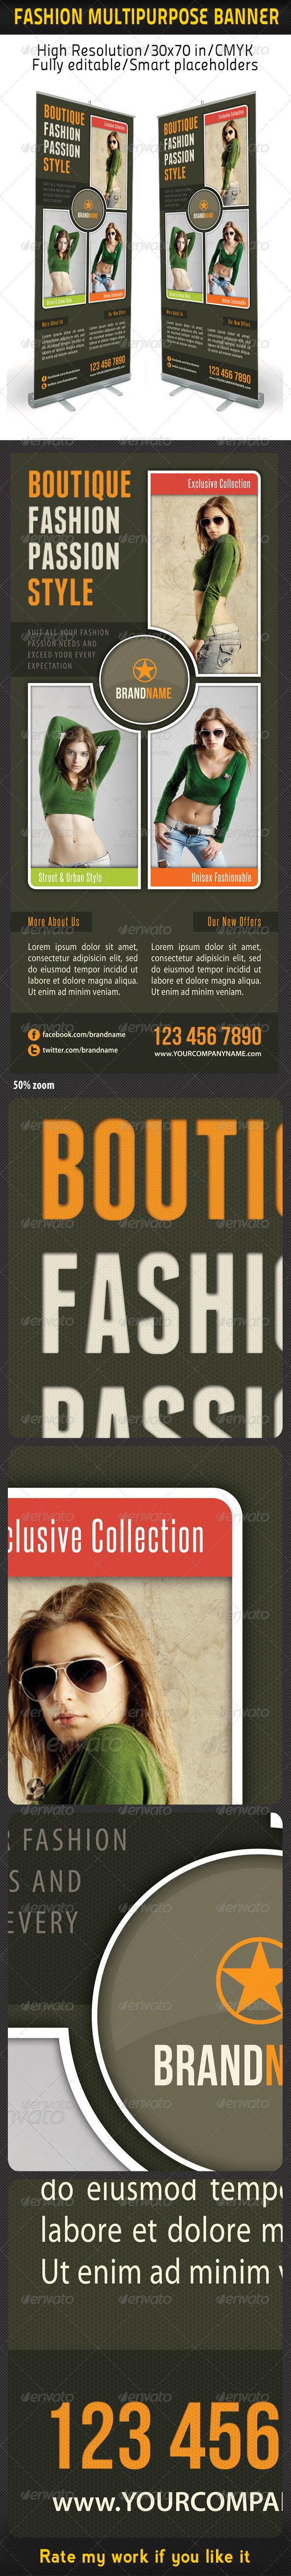 GraphicRiver Fashion Multipurpose Banner Template 20 6321982